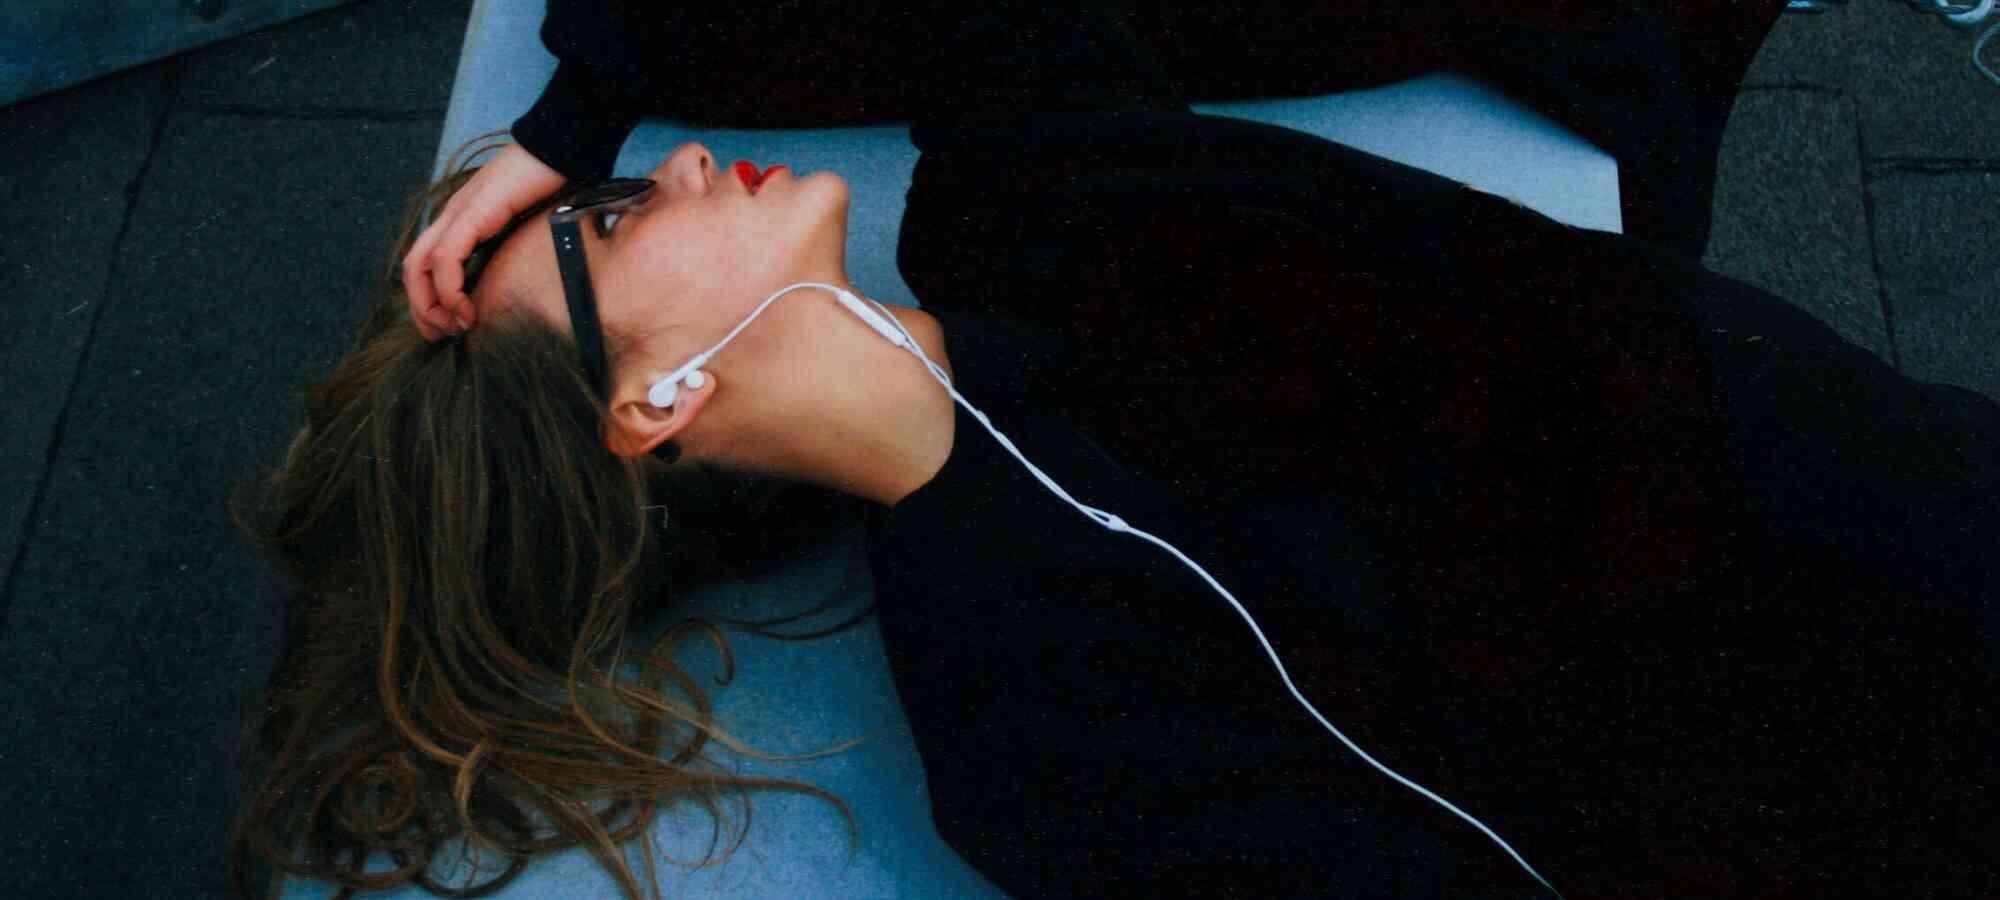 Sonhando acordado